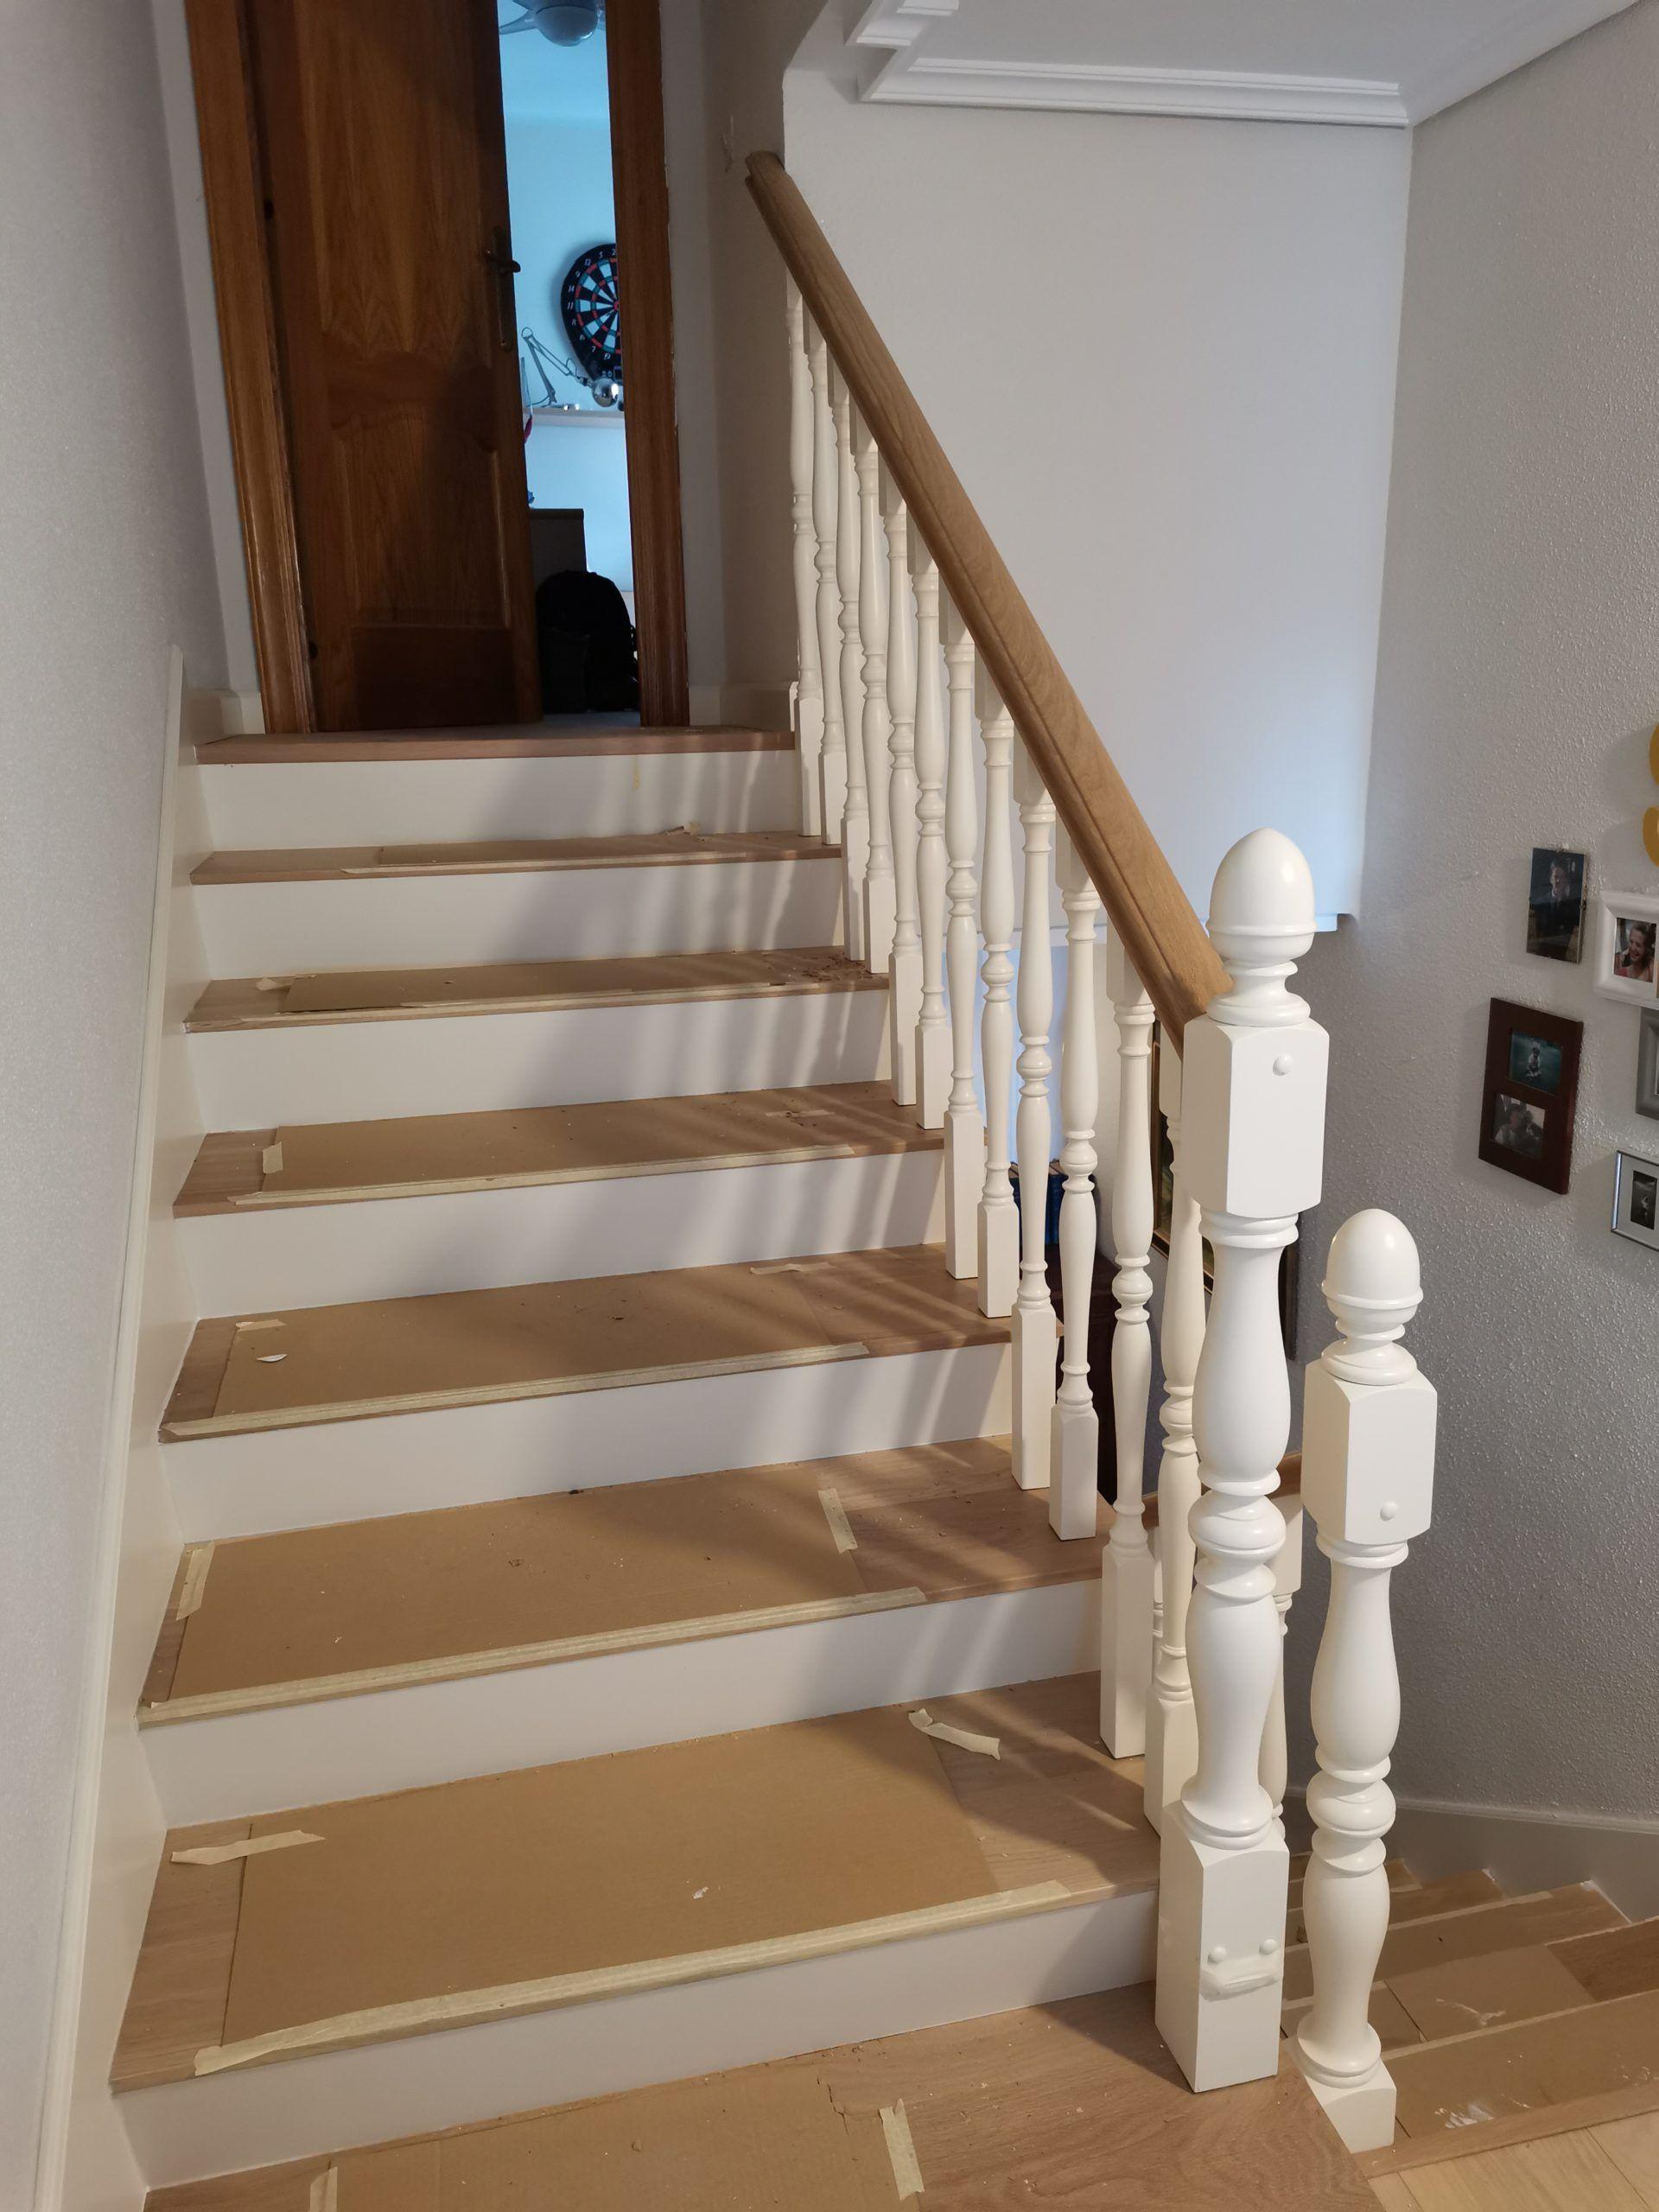 Artybel-forrado-escalera-de-obra-con-pisas-macizas-roble-18-mm-barniz-natural-y-contrapisas-panel-mdf-lacado-blanco.